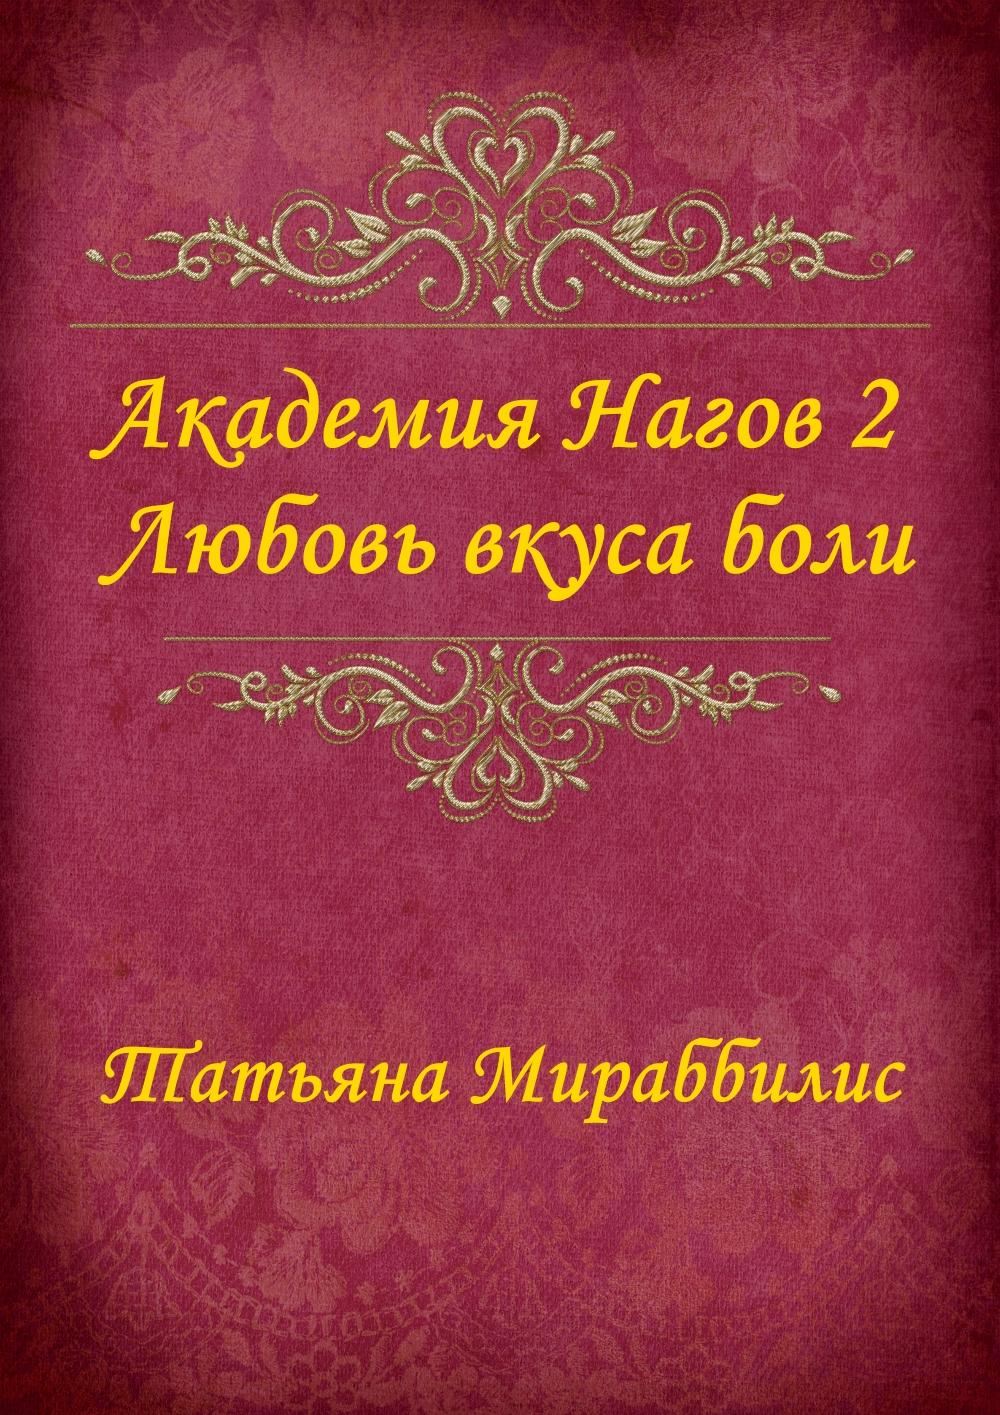 Академия Нагов 2. Любовь вкуса боли — Татьяна Мираббилис